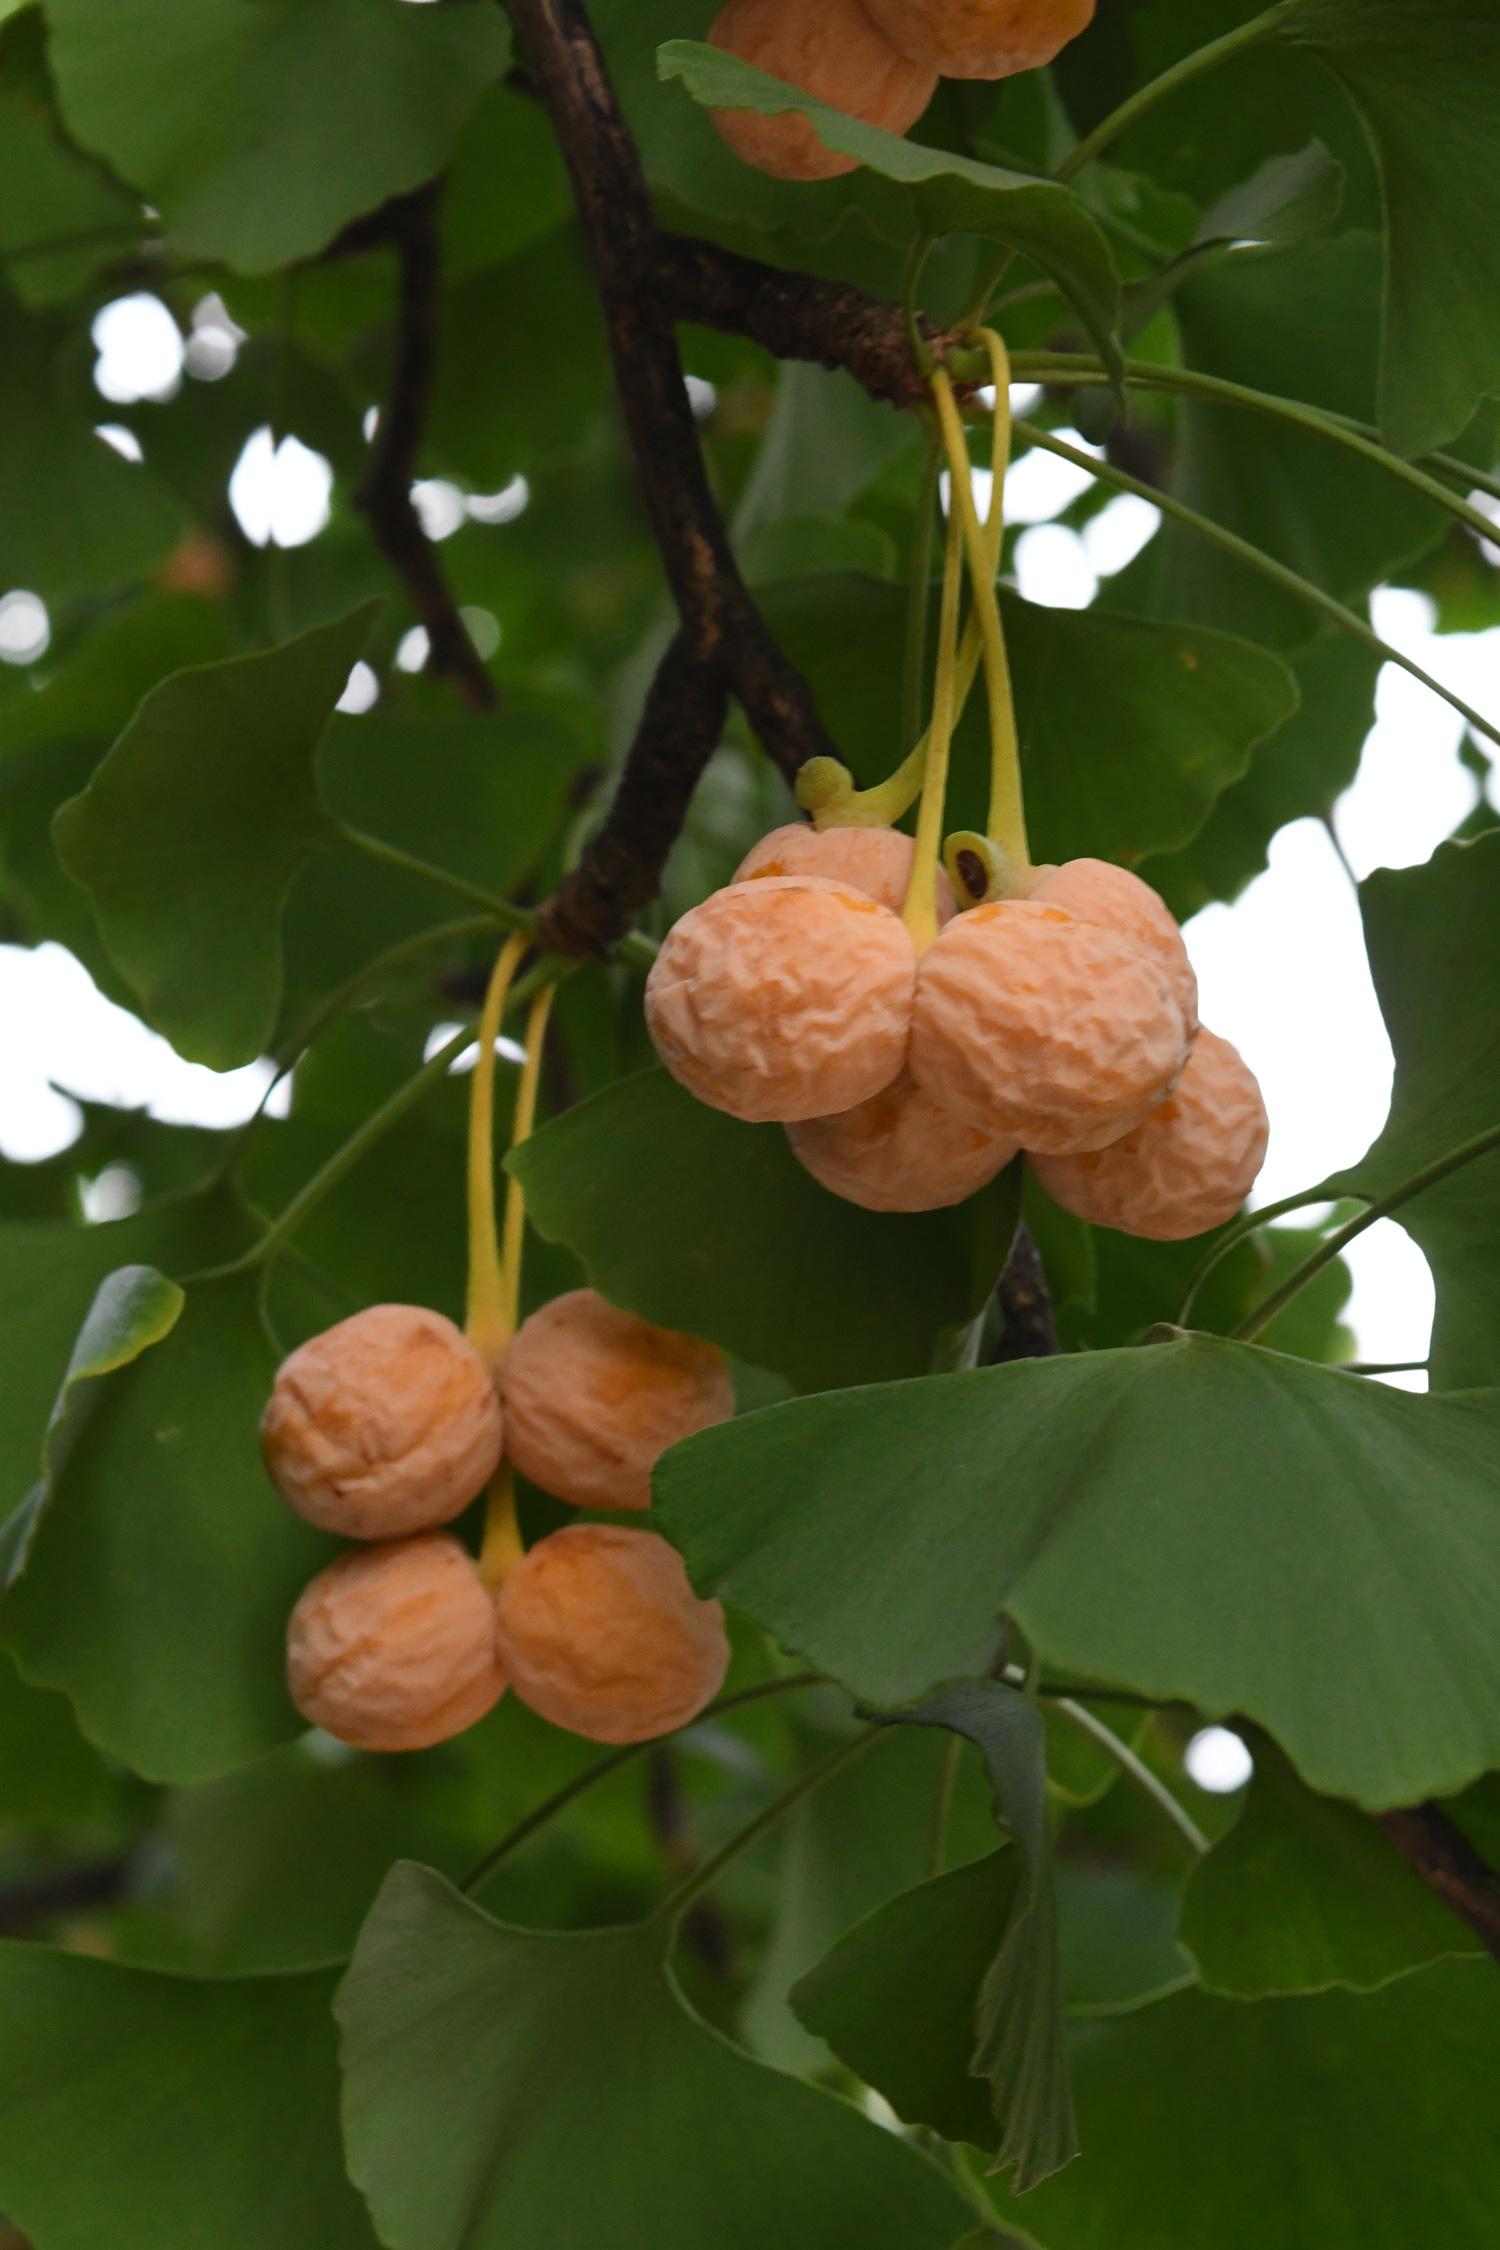 Gingko fruit, Prospect Park